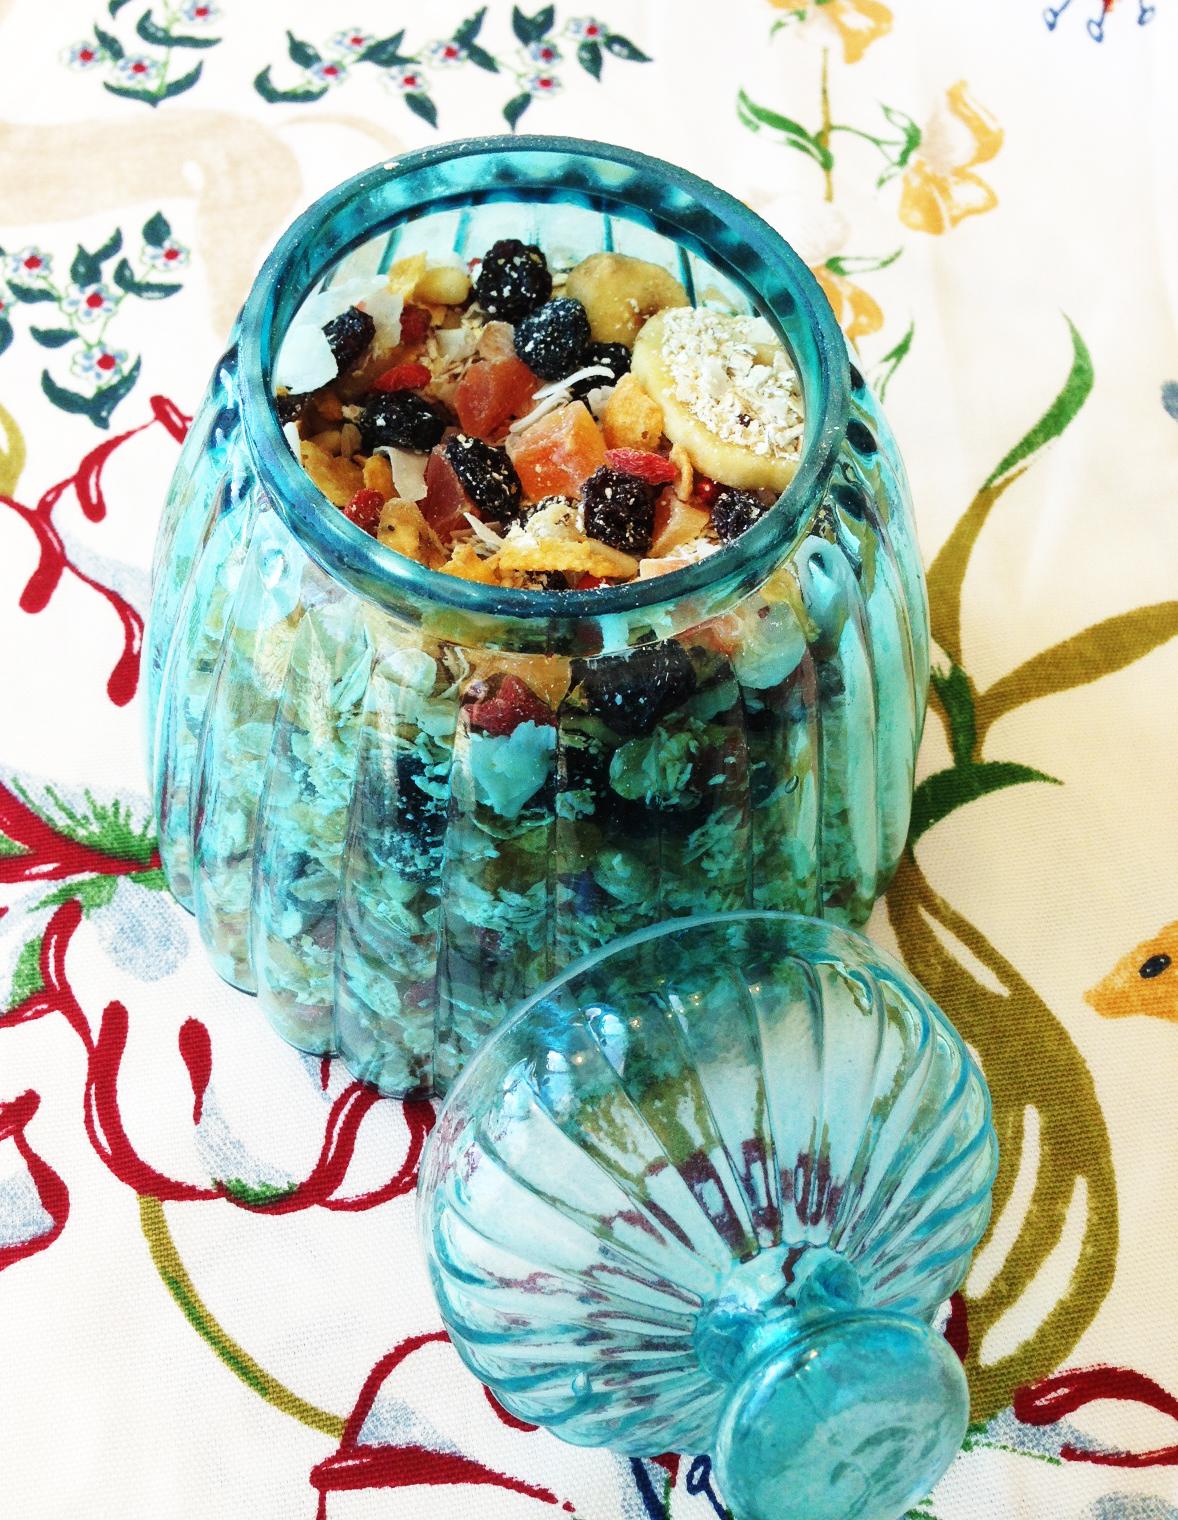 Gör egen müsli eller hälsosamt snack till kvällen